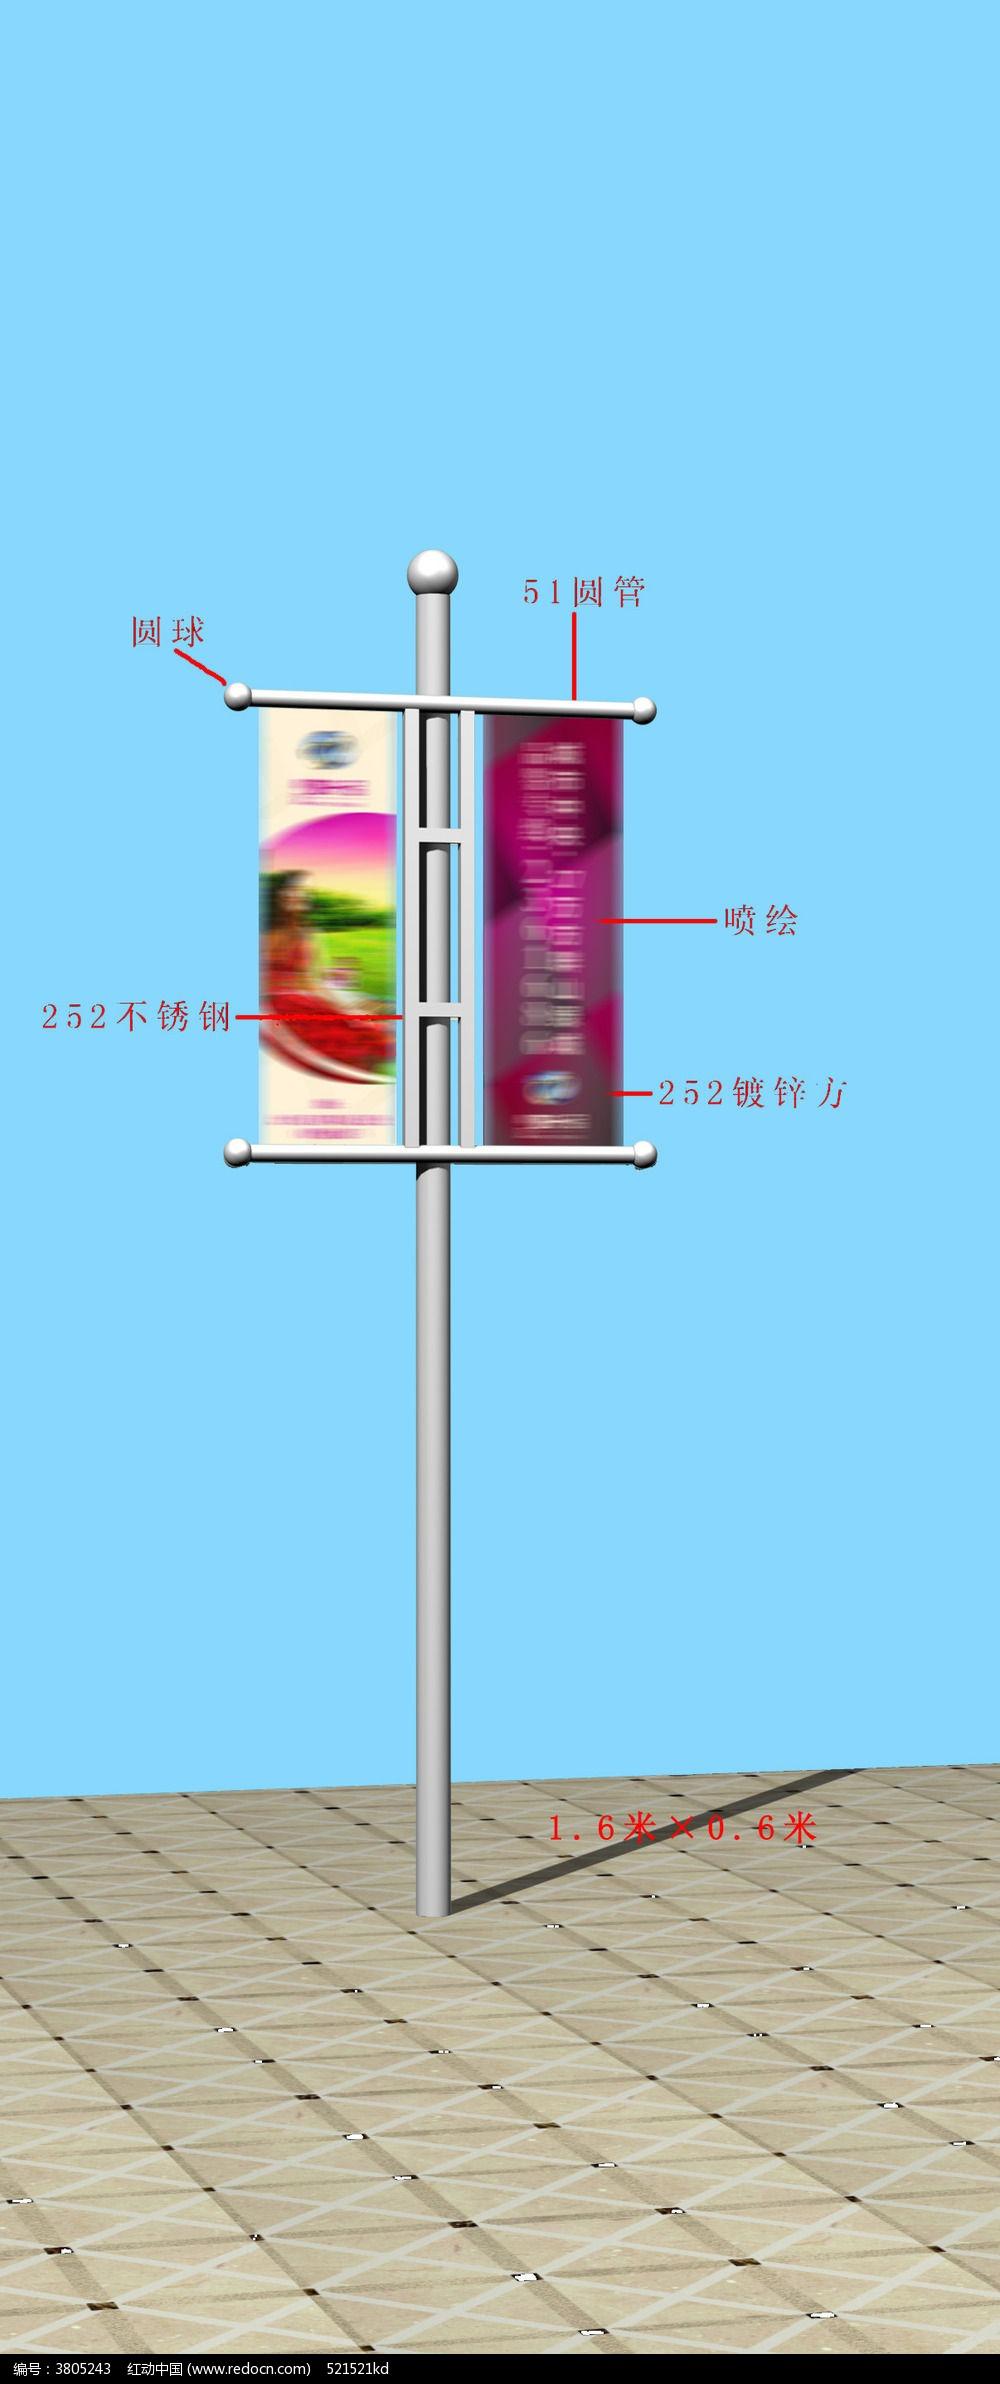 广告牌 3ds模型下载图片